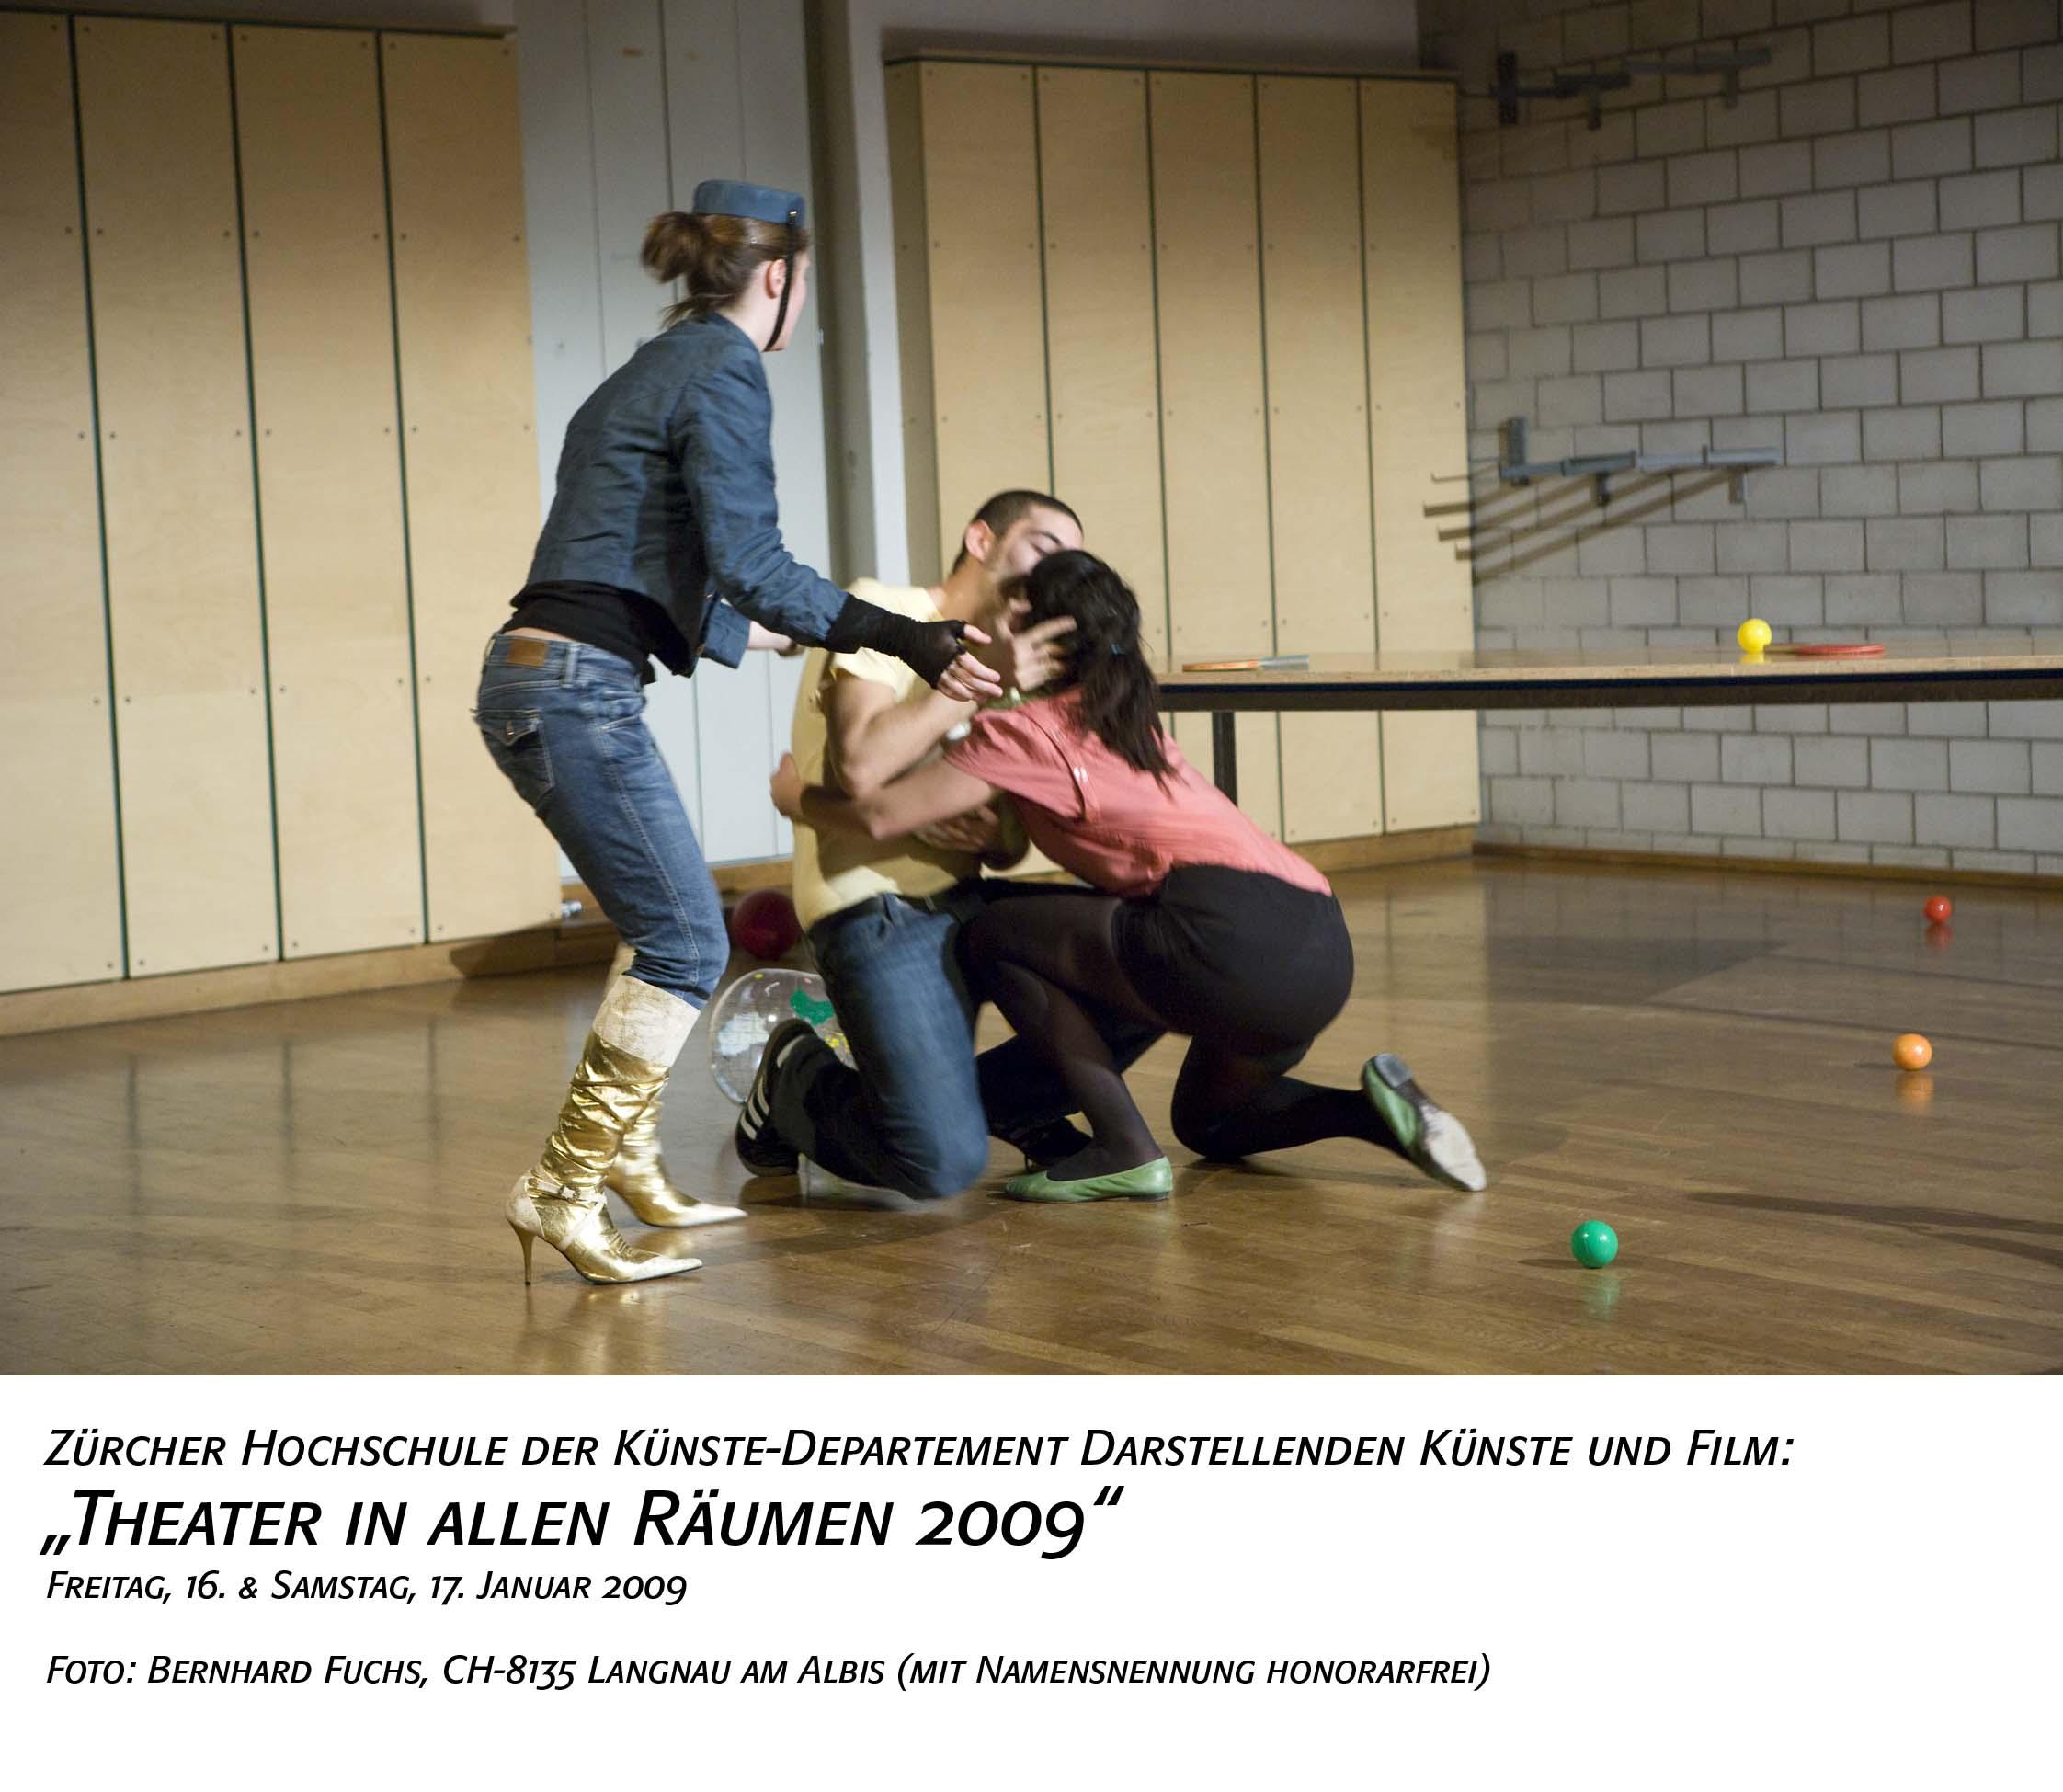 bernhard fuchs theaterfotos tdk theater in allen r umen i. Black Bedroom Furniture Sets. Home Design Ideas